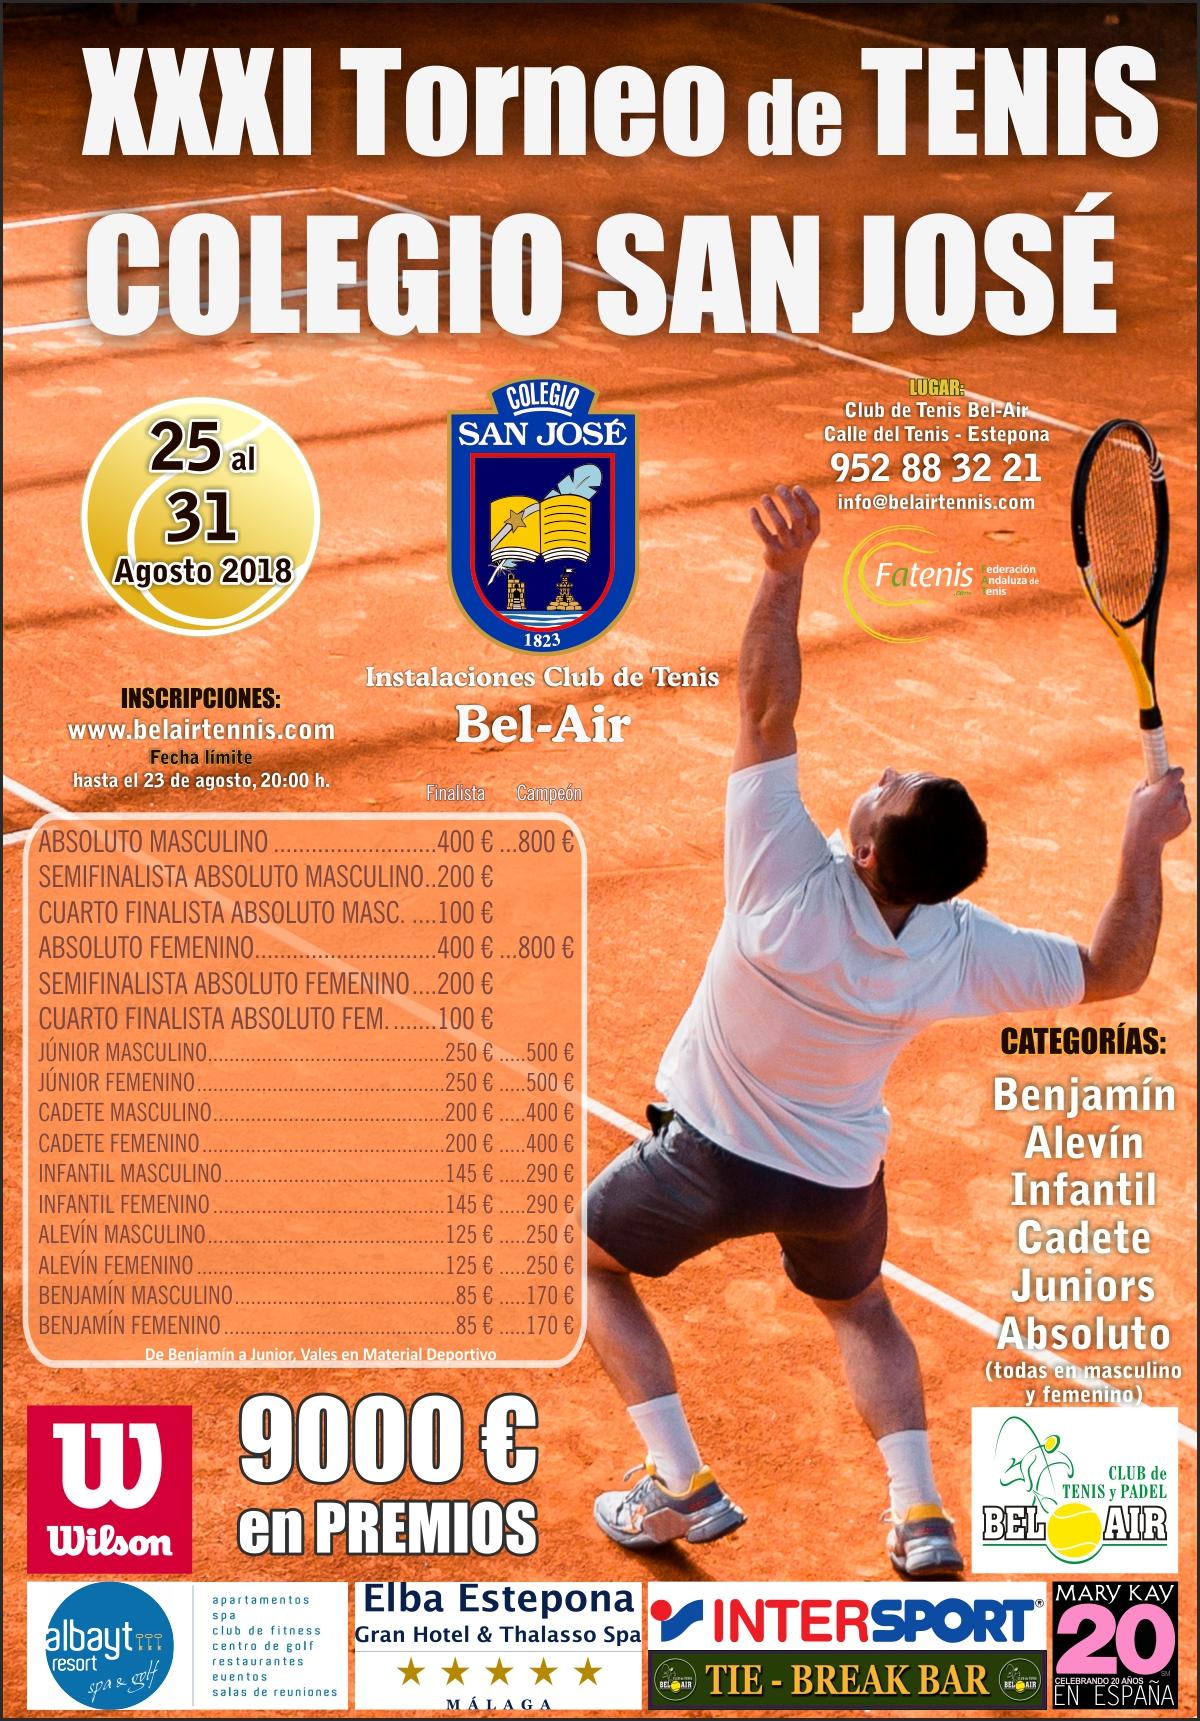 6a35588353a El XXXI Torneo de Tenis Colegio San José